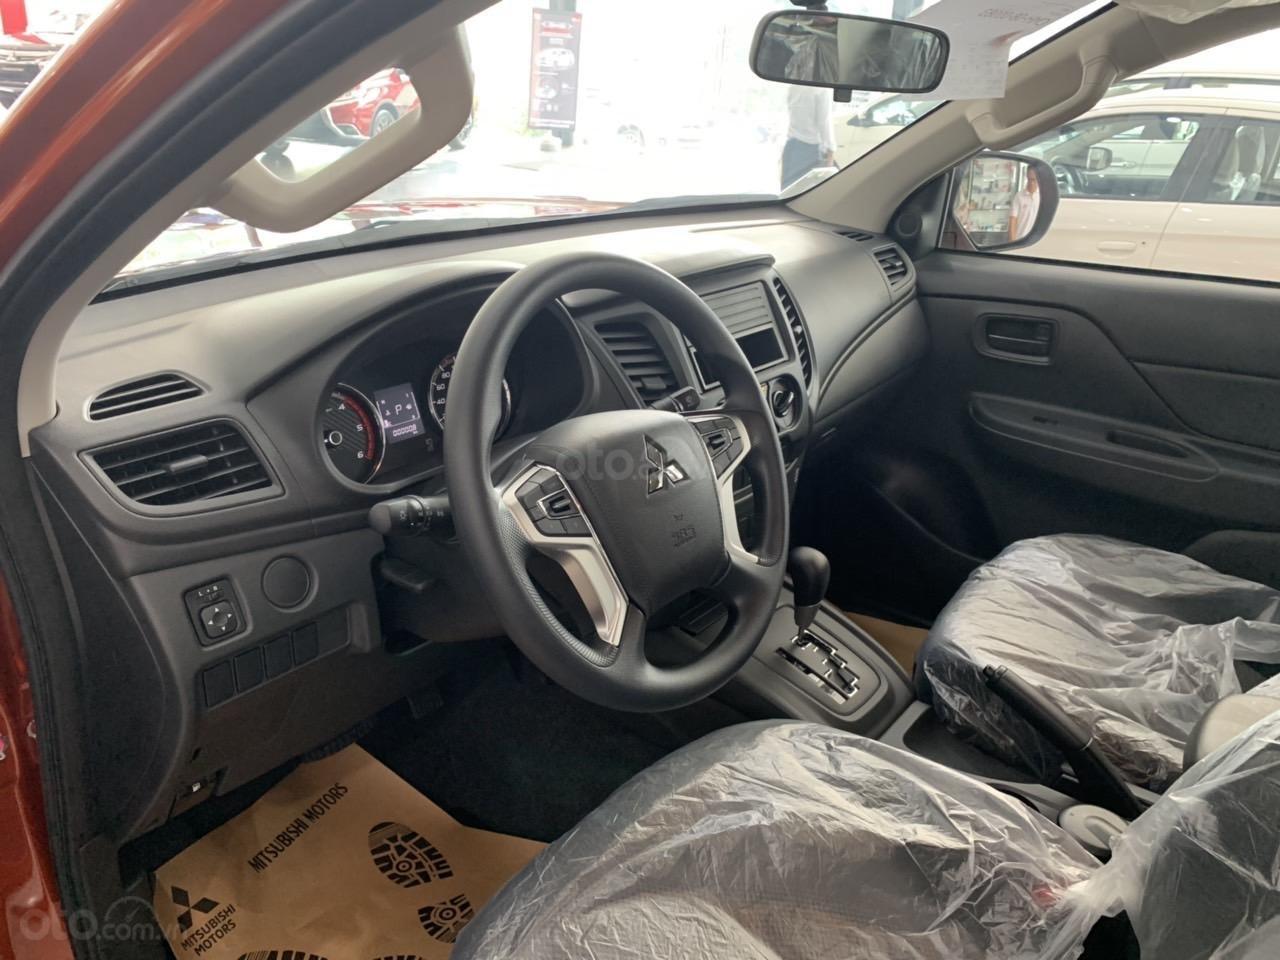 Mitsubishi Triton 4x2 AT Mivec màu cam nhập khẩu giá chỉ 630 triệu, giảm giá tốt nhất thị trường (8)